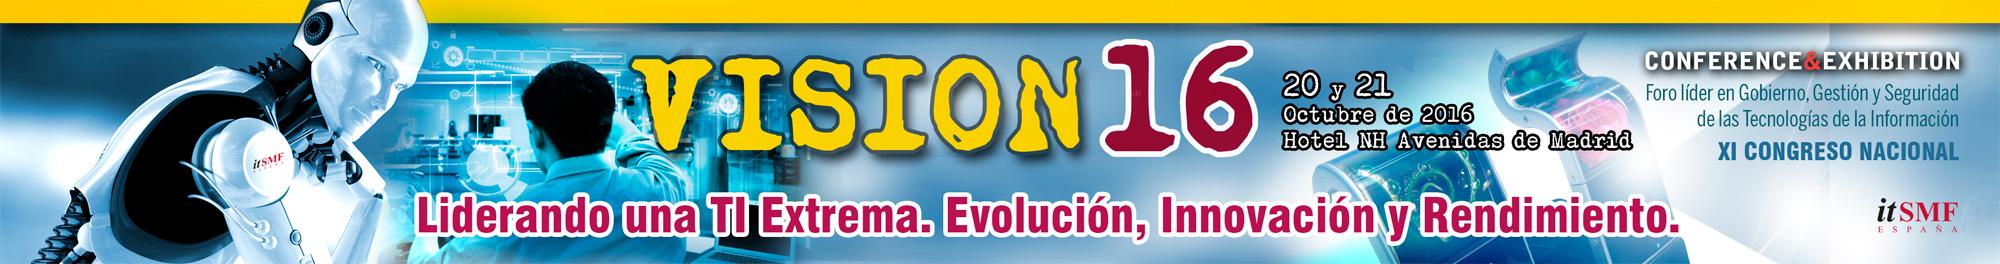 Serem, patrocinador Bronce del congreso ITSMf VISION16